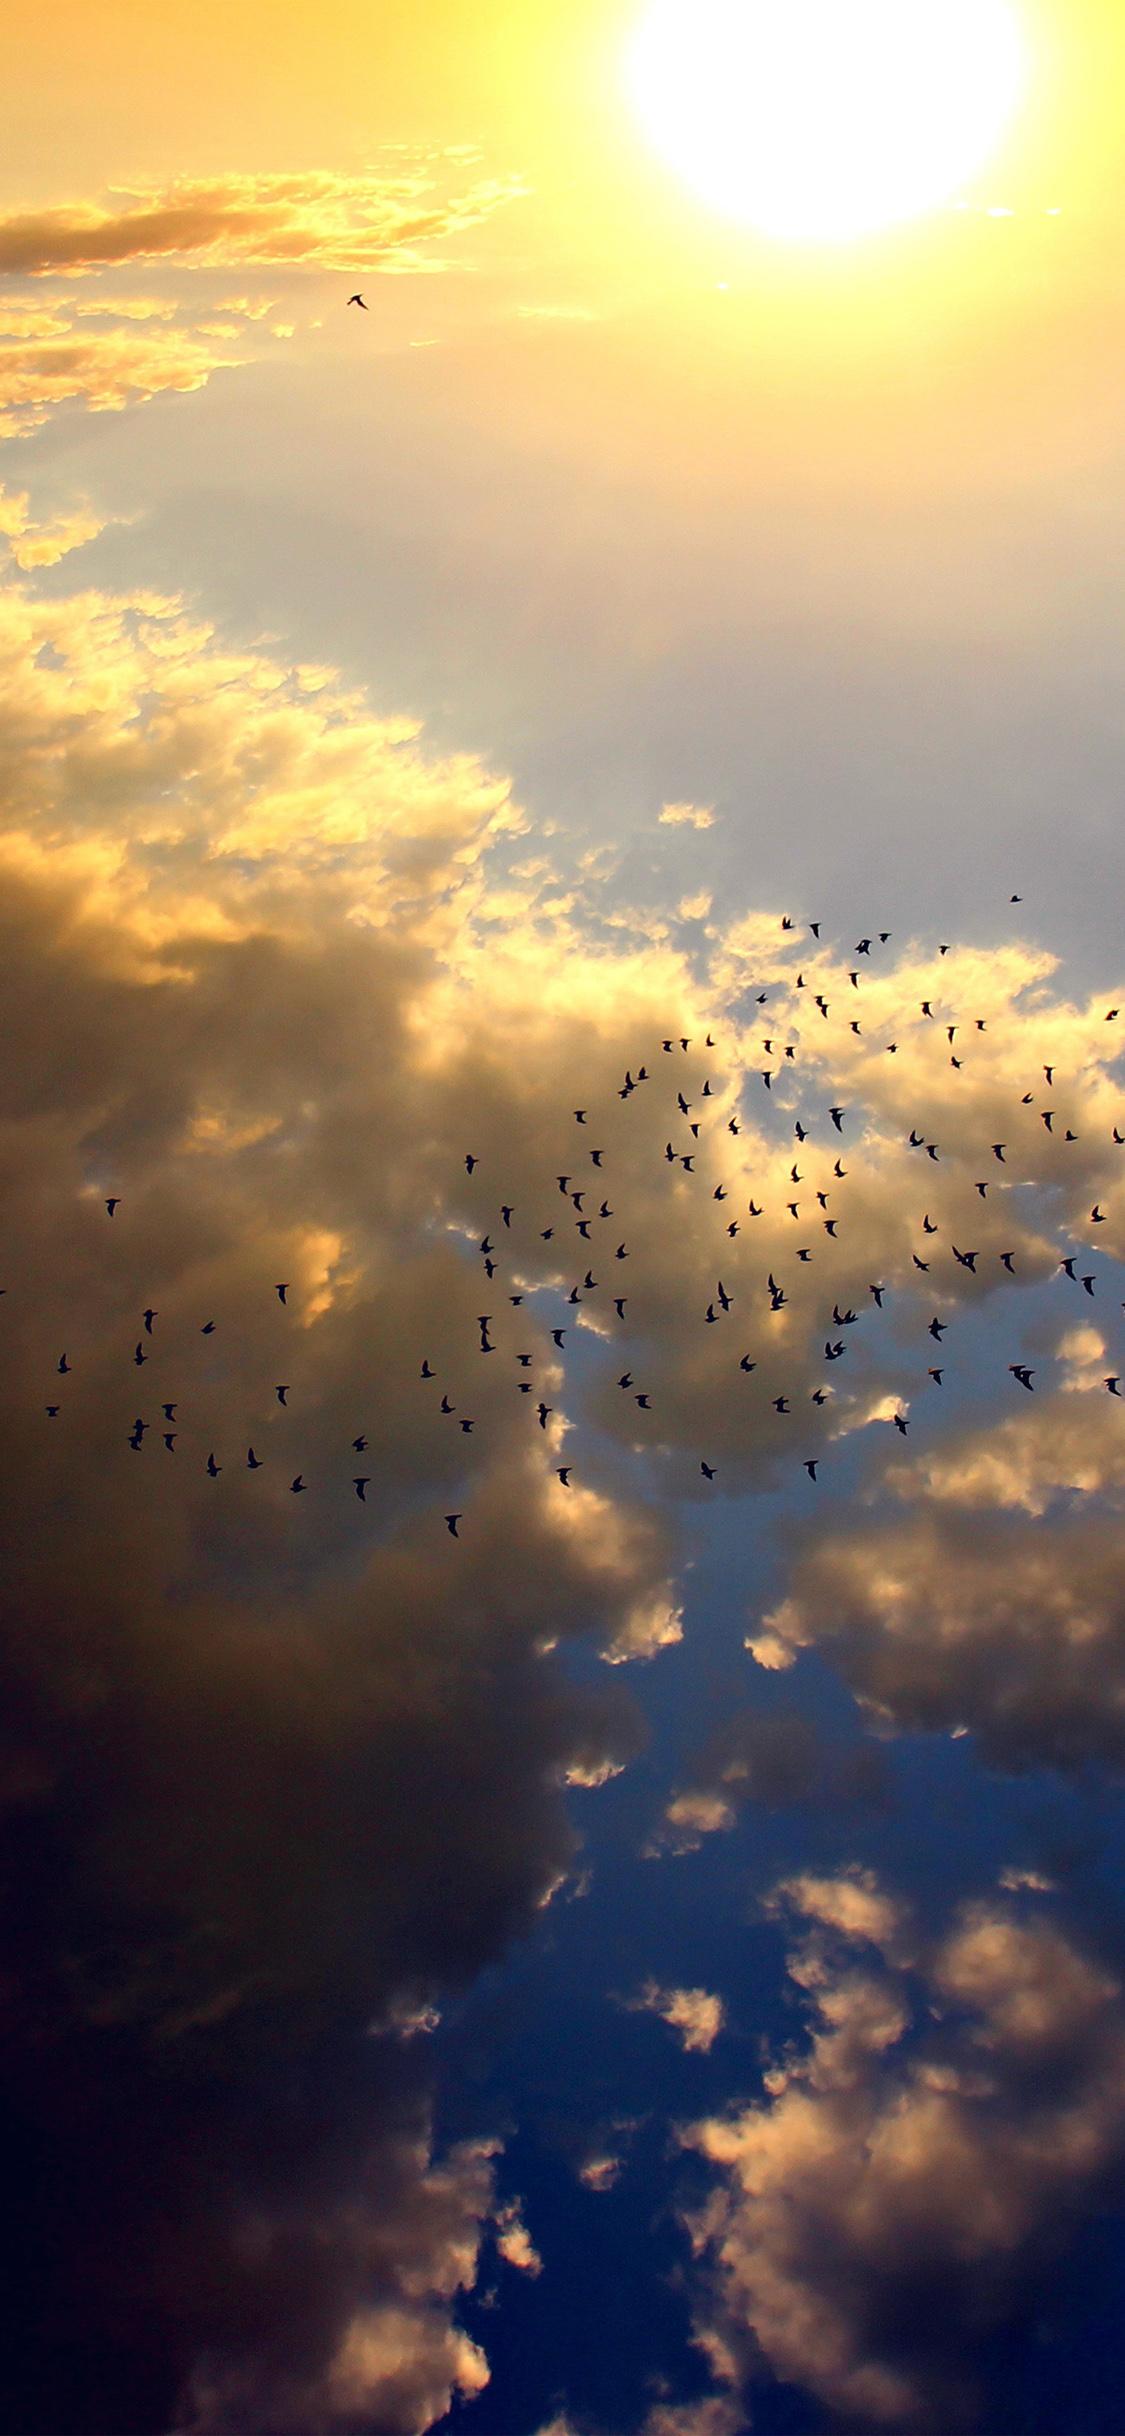 nl72-sky-bird-fly-summer-sun-nature-wallpaper